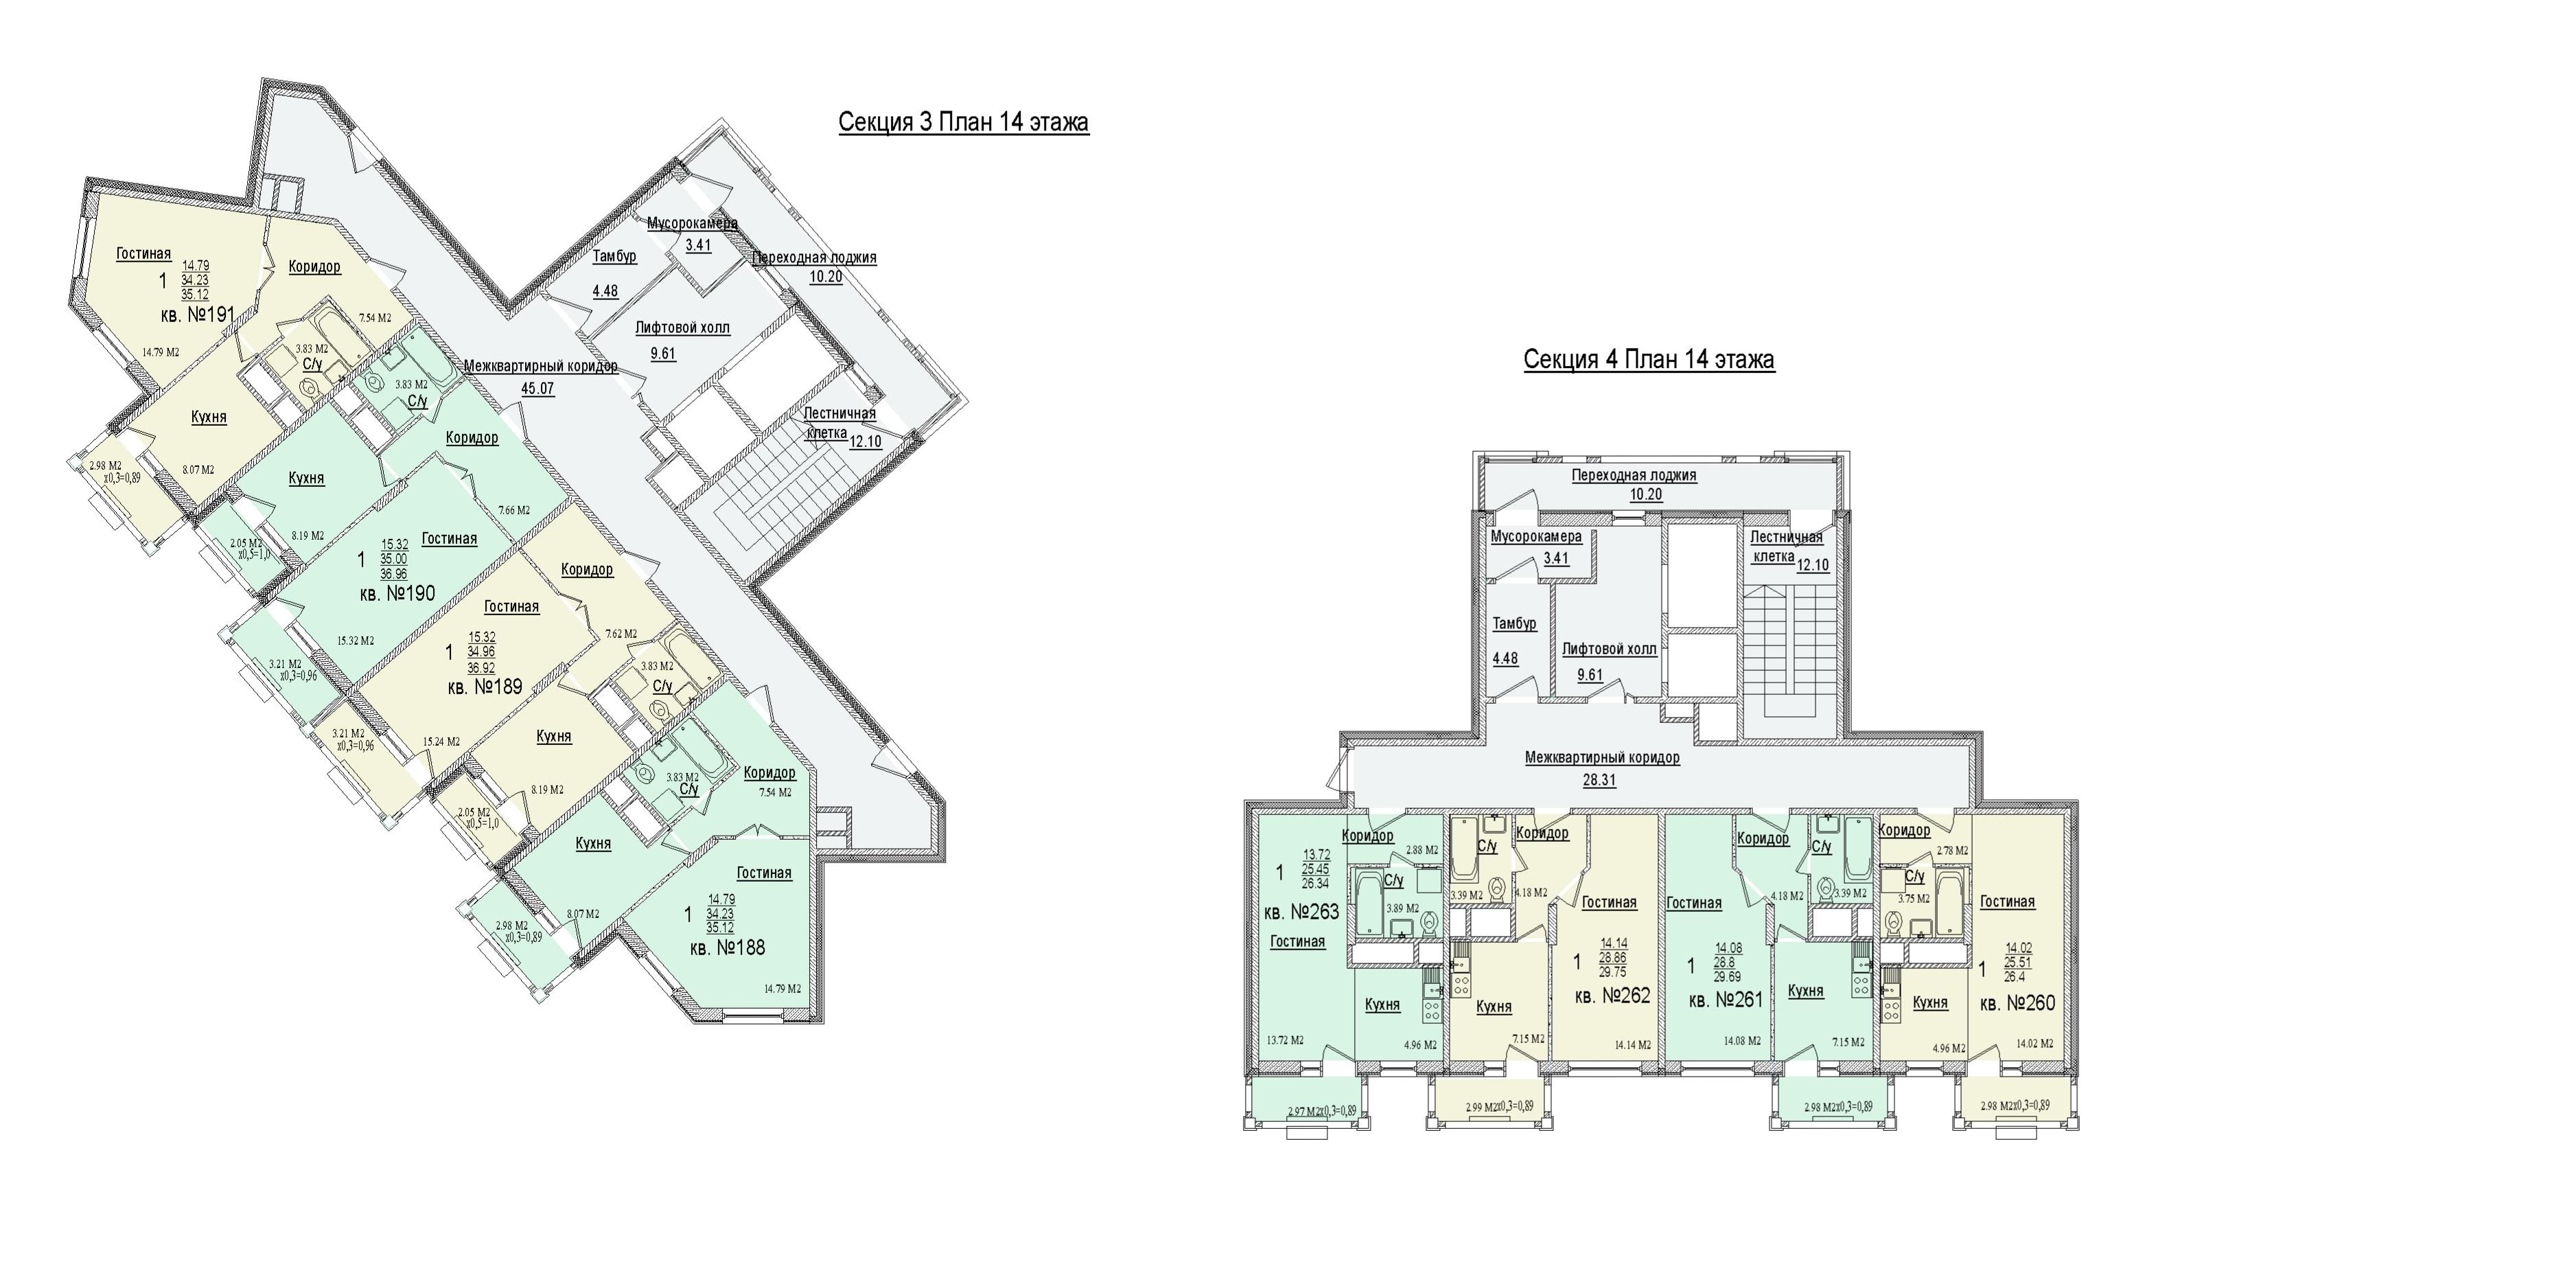 Секции 3-4, этаж 14